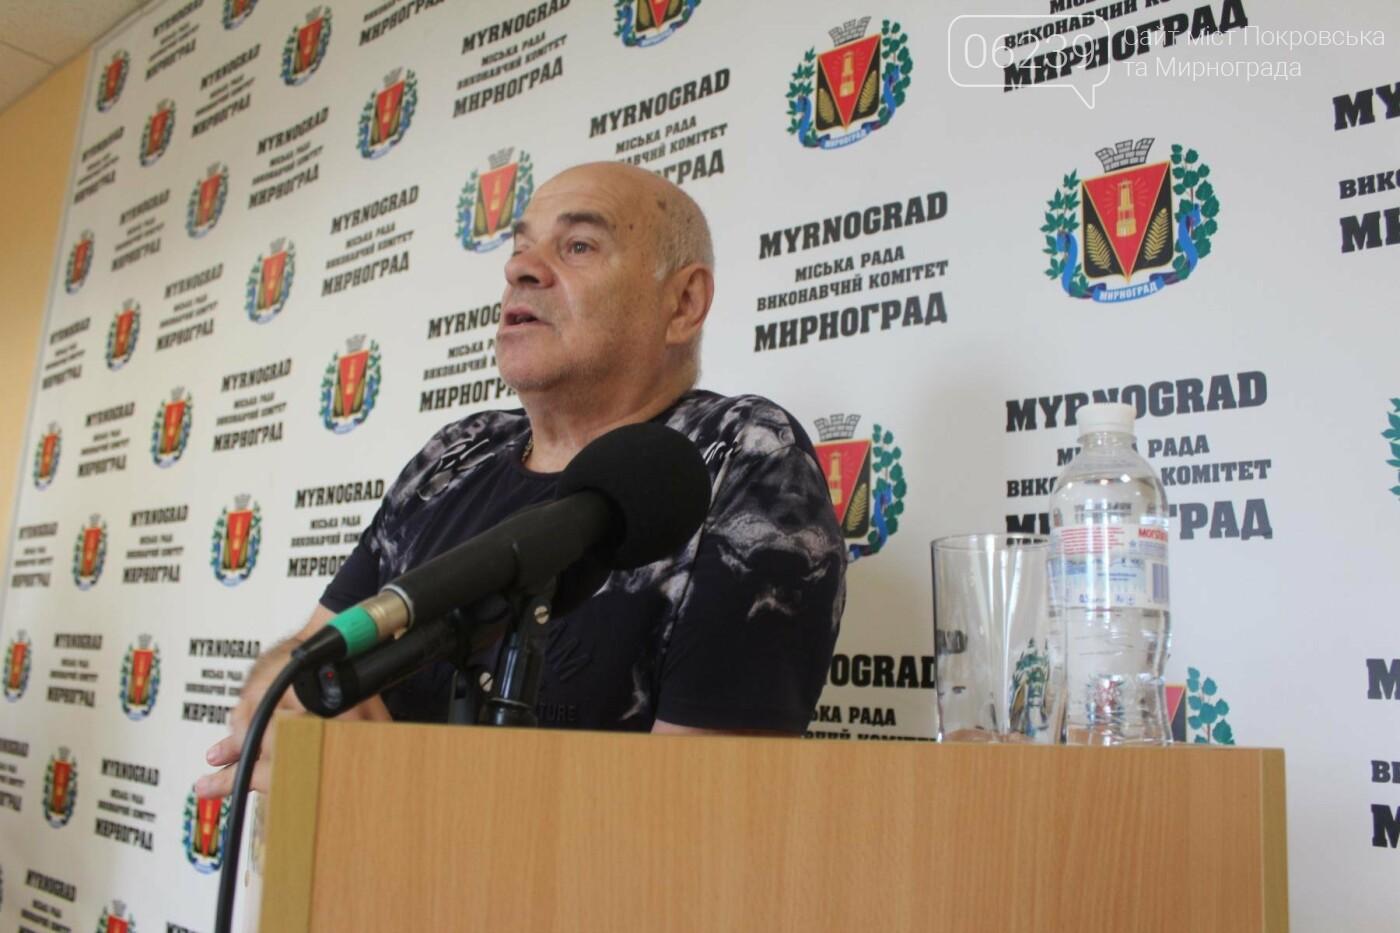 Изменения в бюджете и письмо министру: в Мирнограде состоялась 49-я сессия городского совета, фото-9